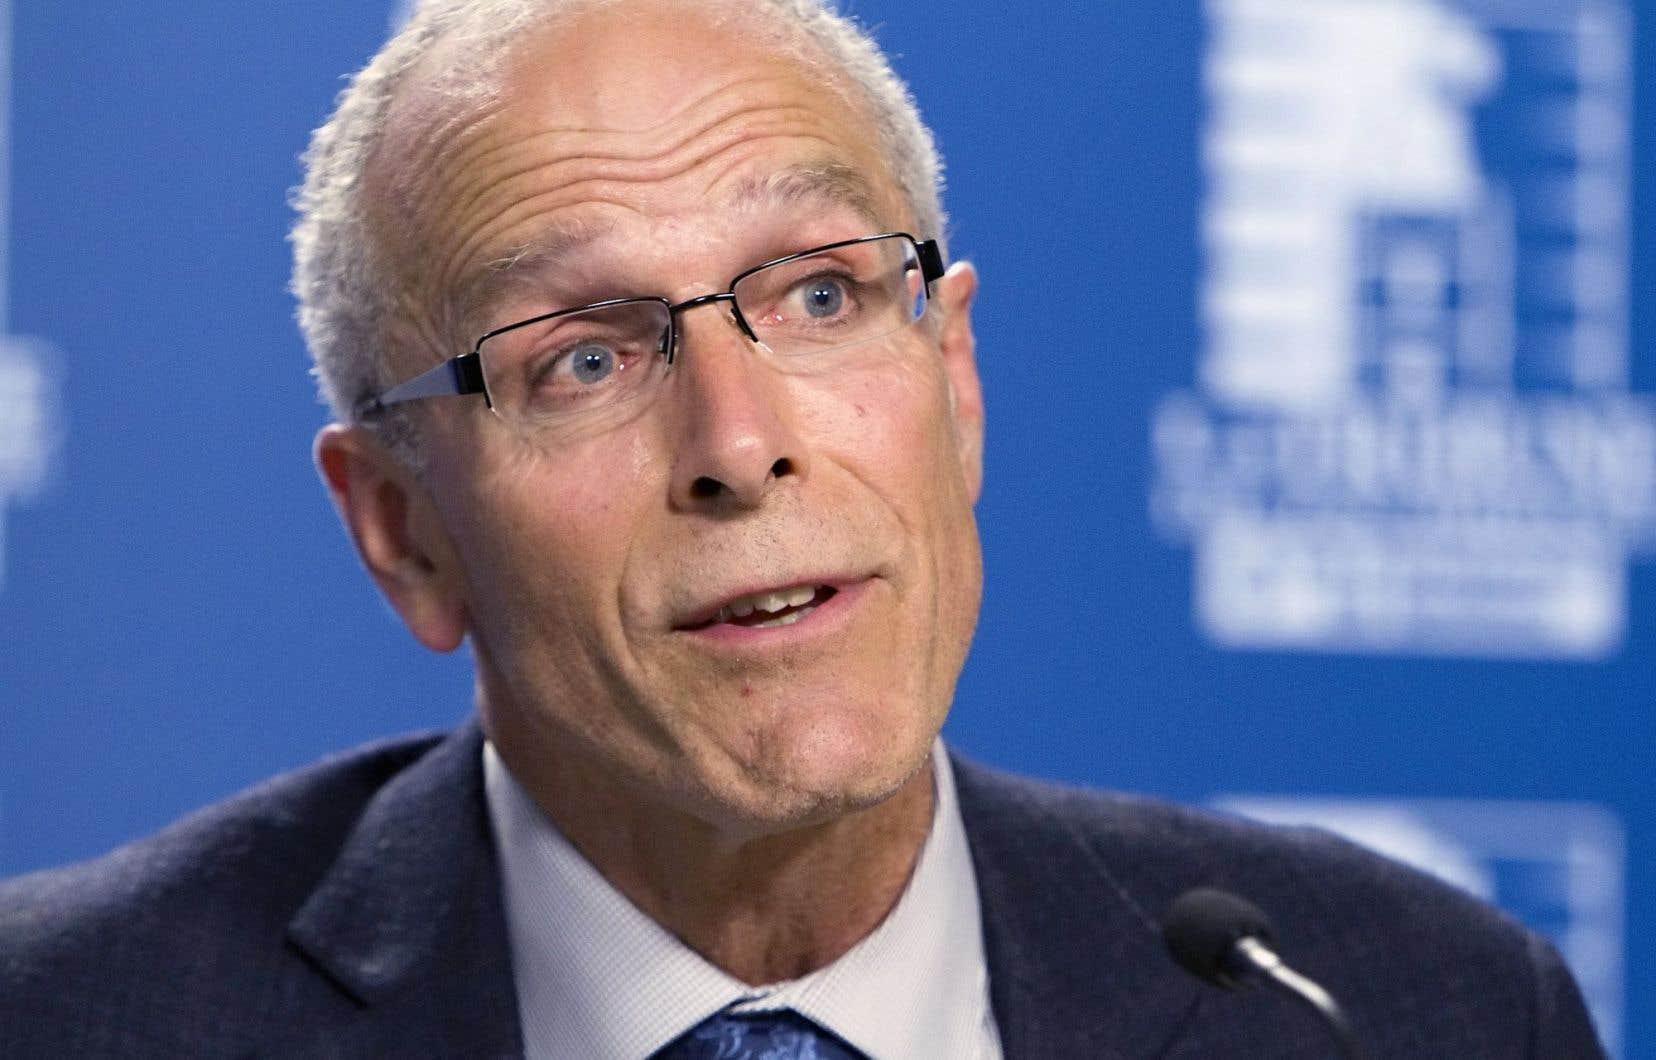 Québec refuse de répondre à l'appel à l'aide du maire François Boulay. Même les procédures judiciaires sont lourdes à porter pour la municipalité de 168 habitants.